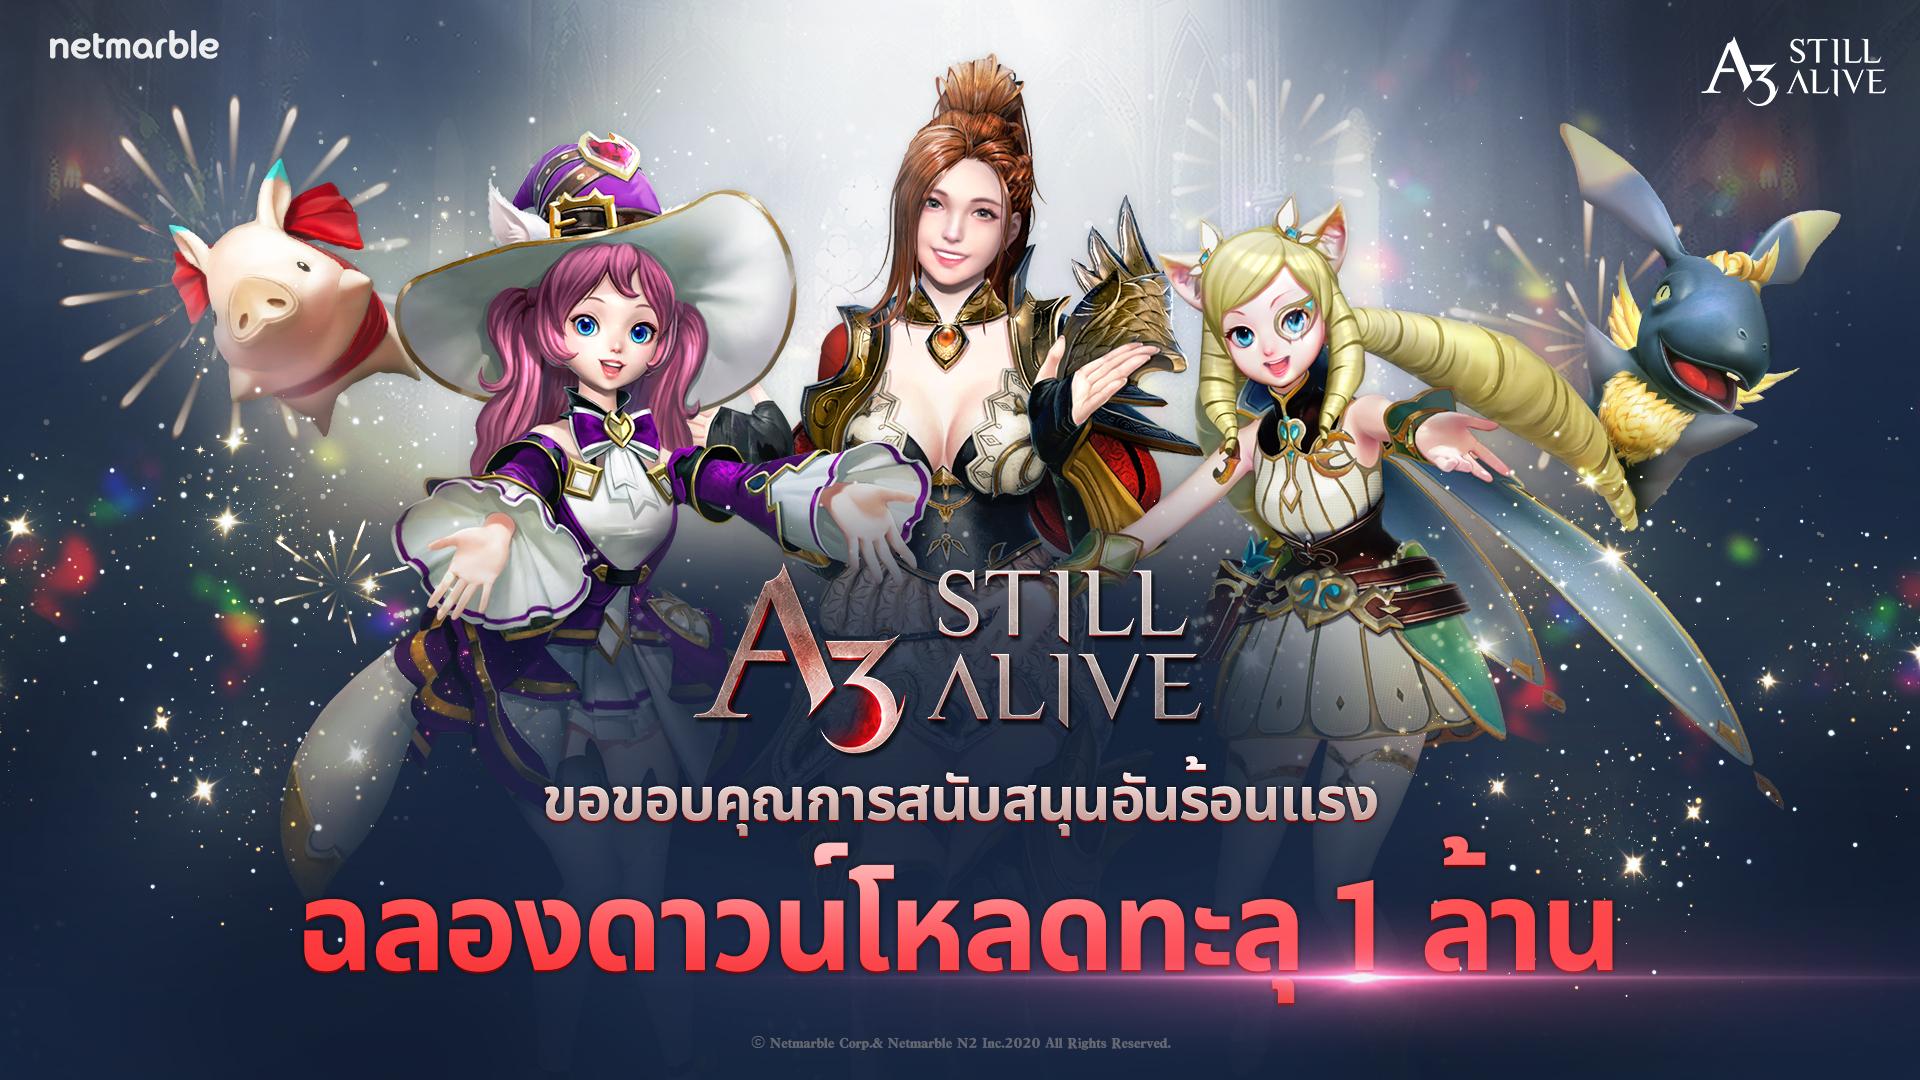 A3 STILL ALIVE 16112020 1